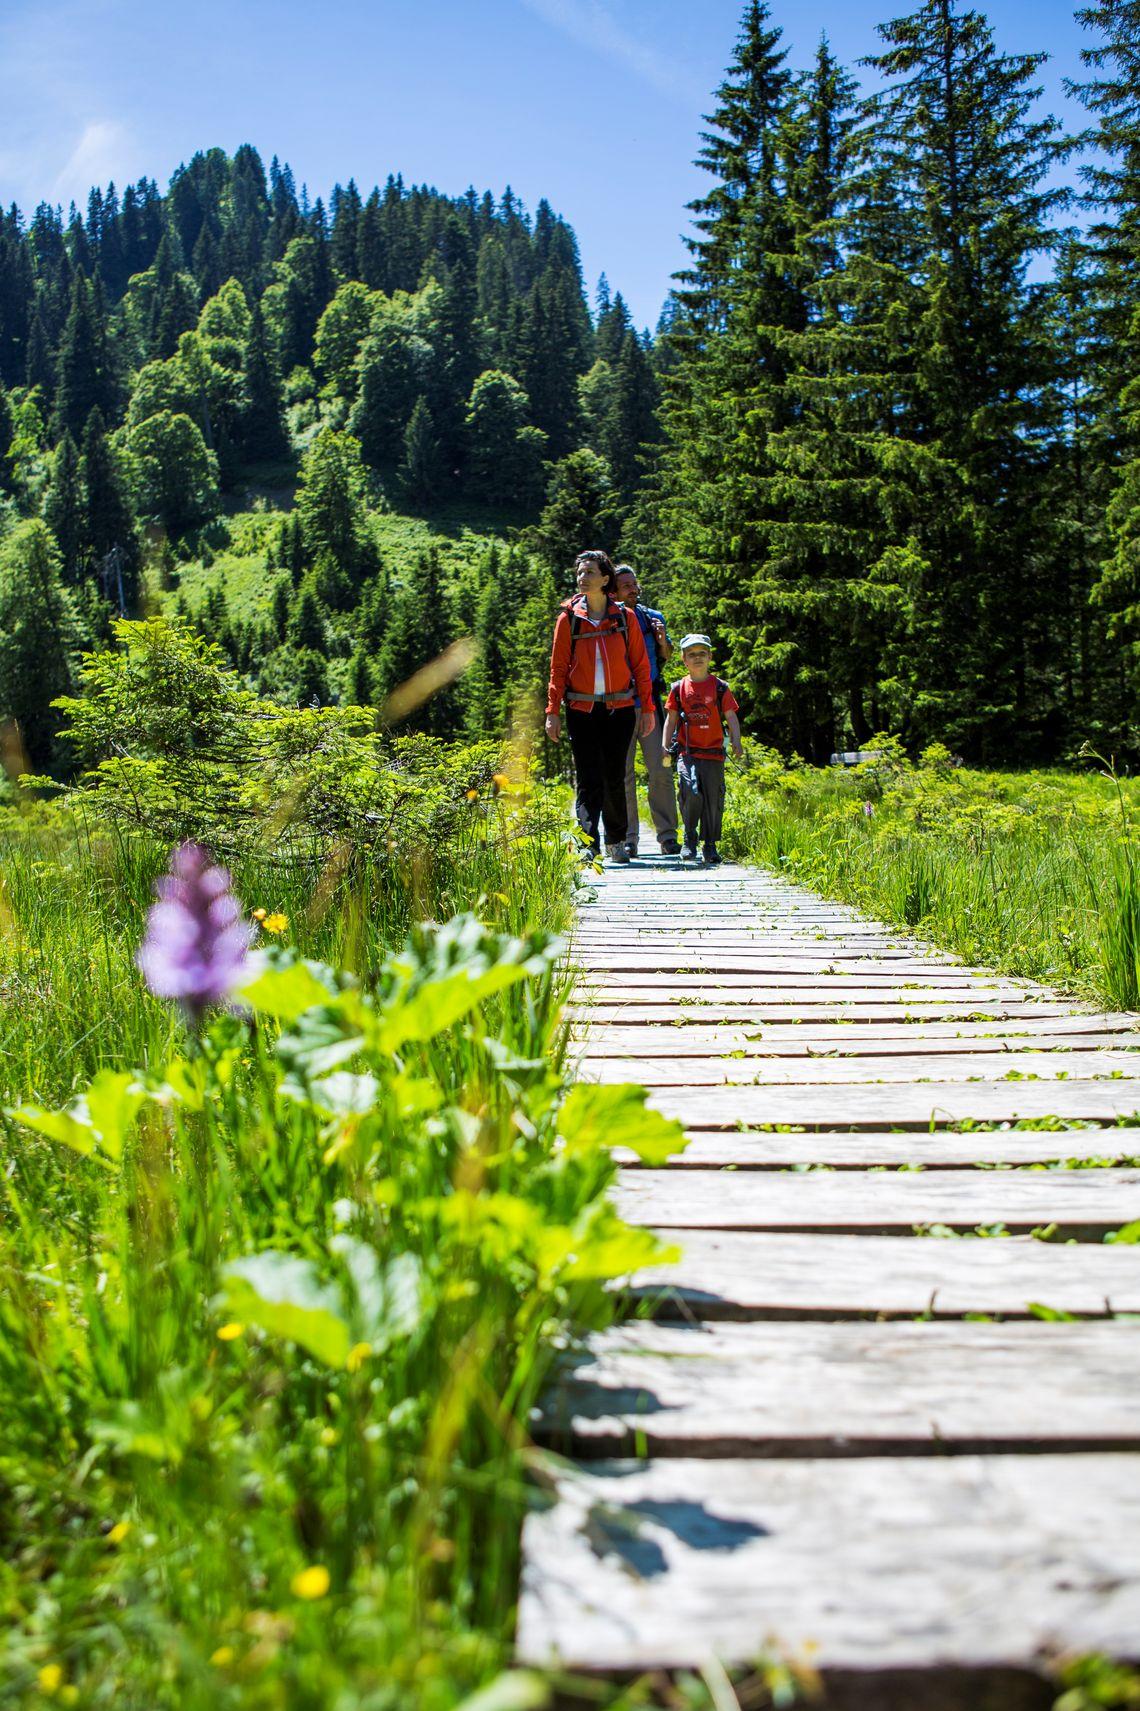 Auf dem Steg durchs Hühnermoosmoor  - © Oberstdorf / Kleinwalsertal Bergbahnen; Fotograf: Alex Savarino , Kur- und Tourismusbüro Oy-Mittelberg